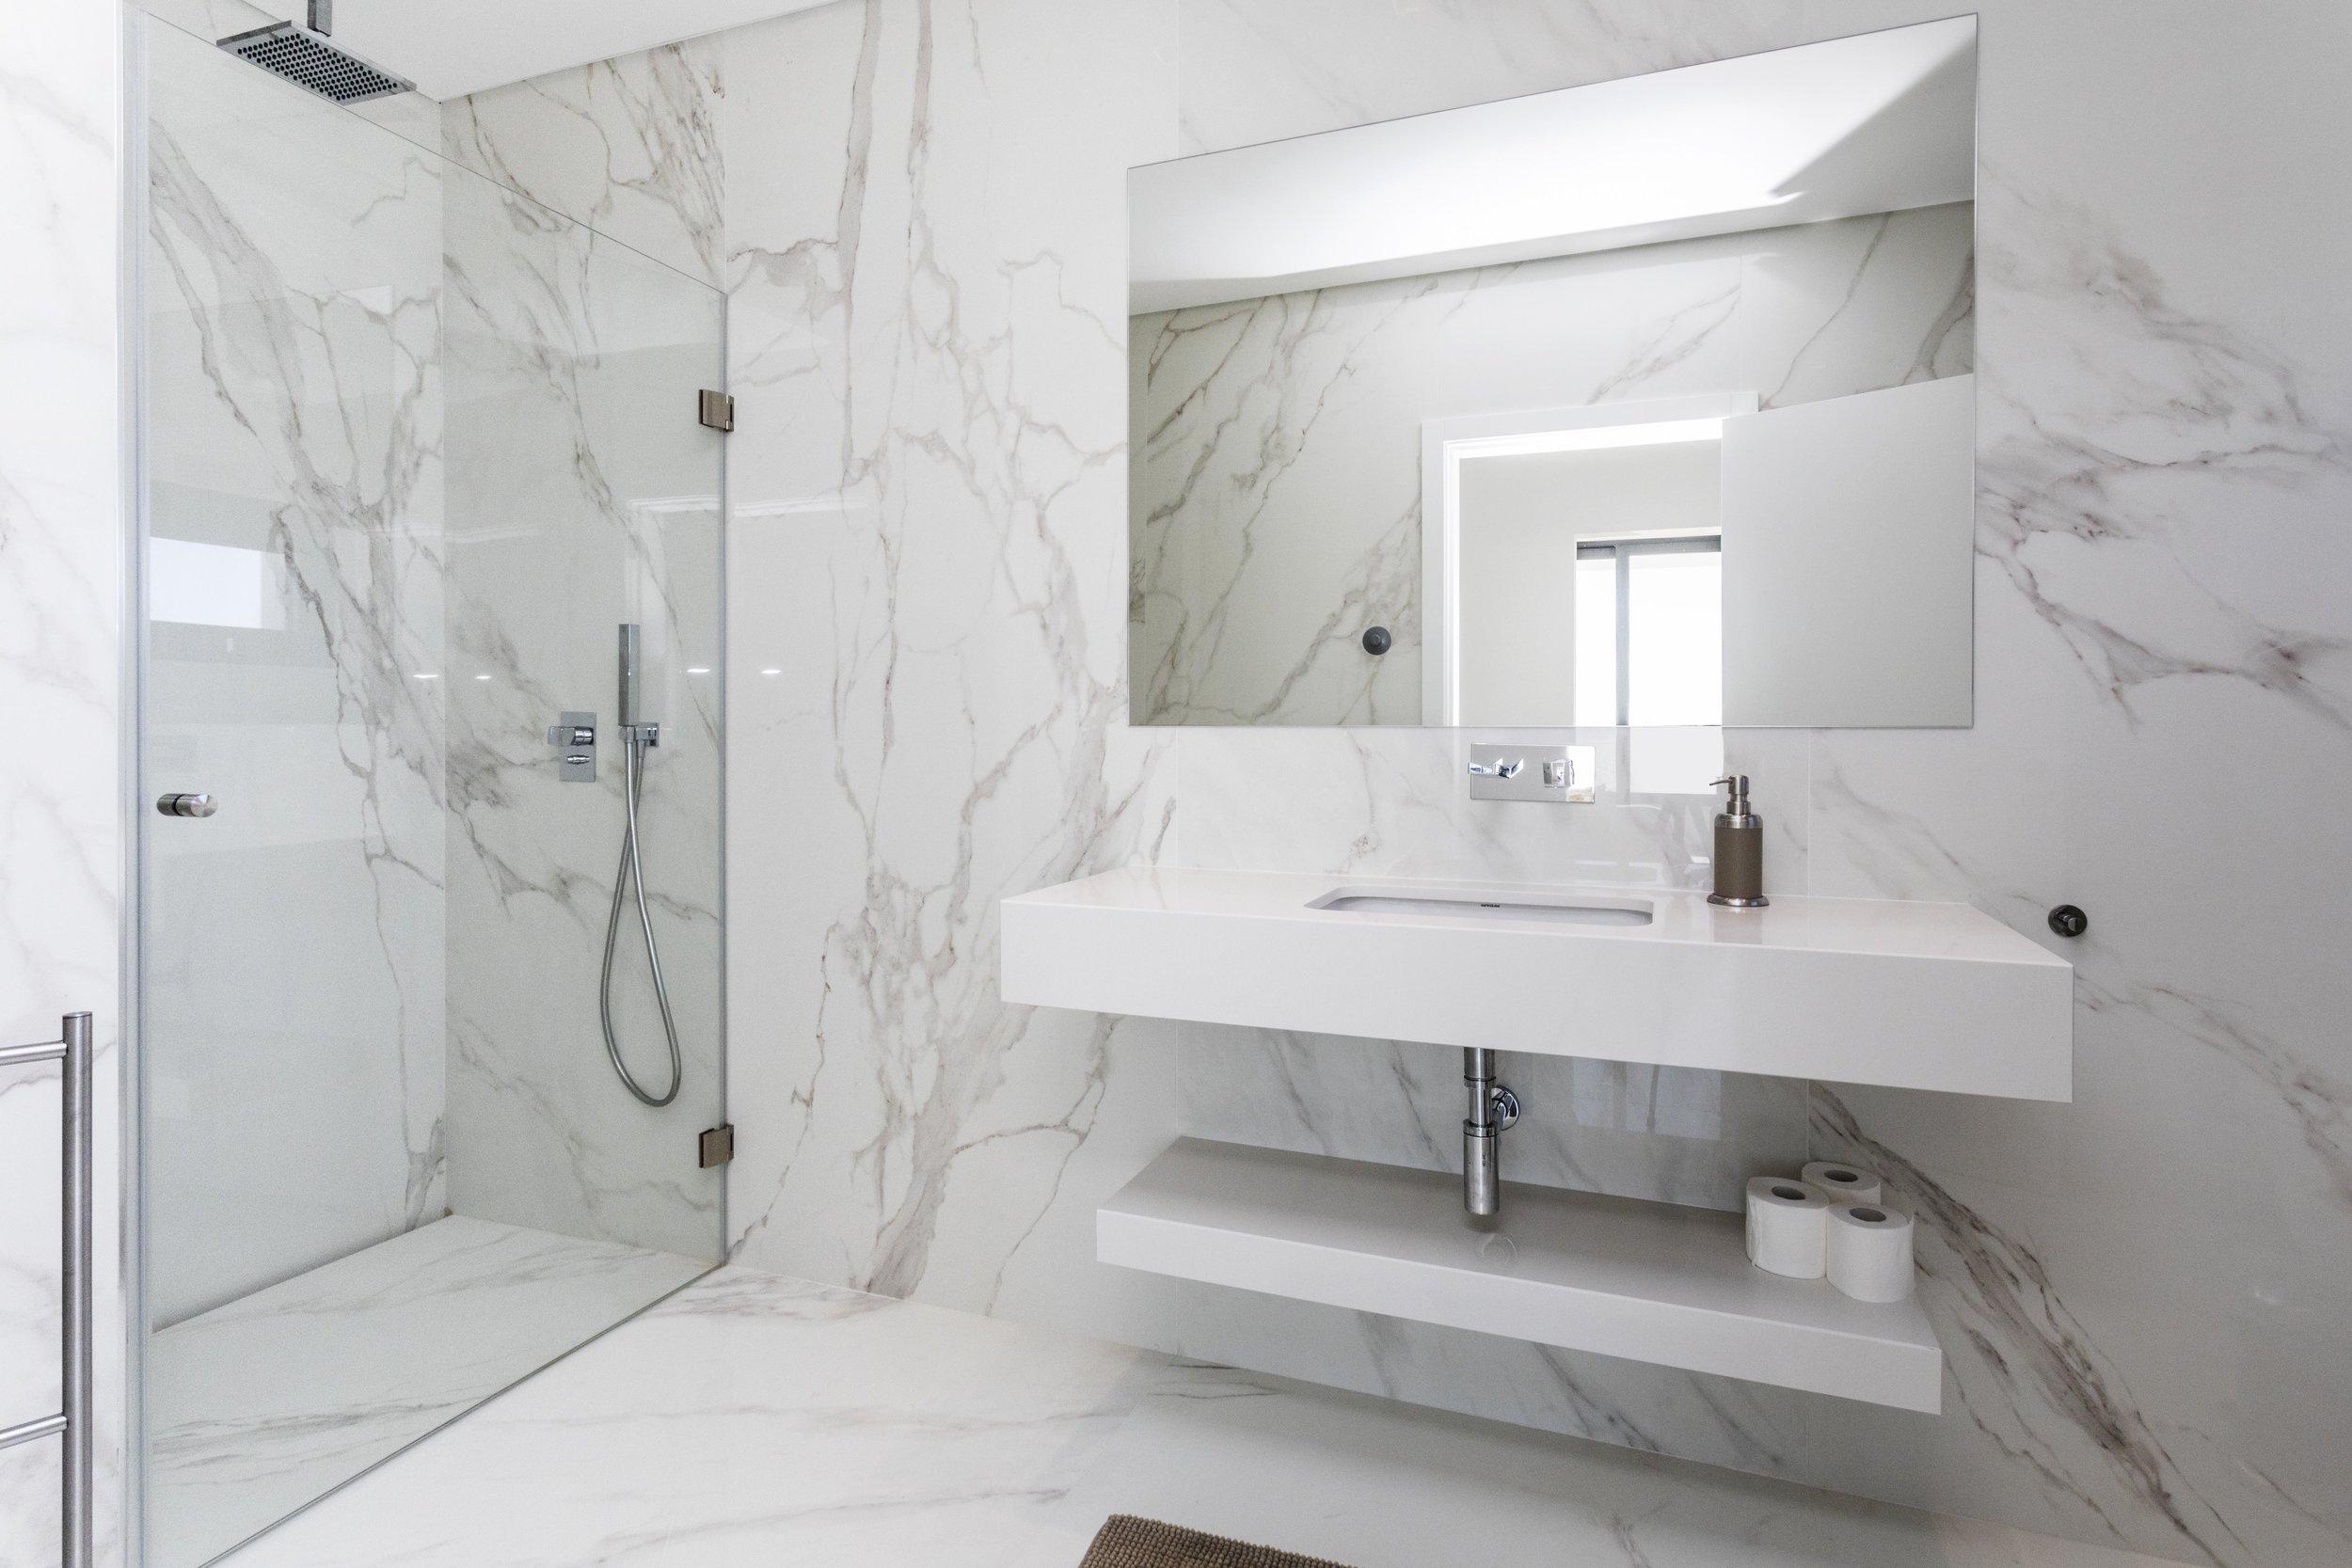 casathe.bath.jpg